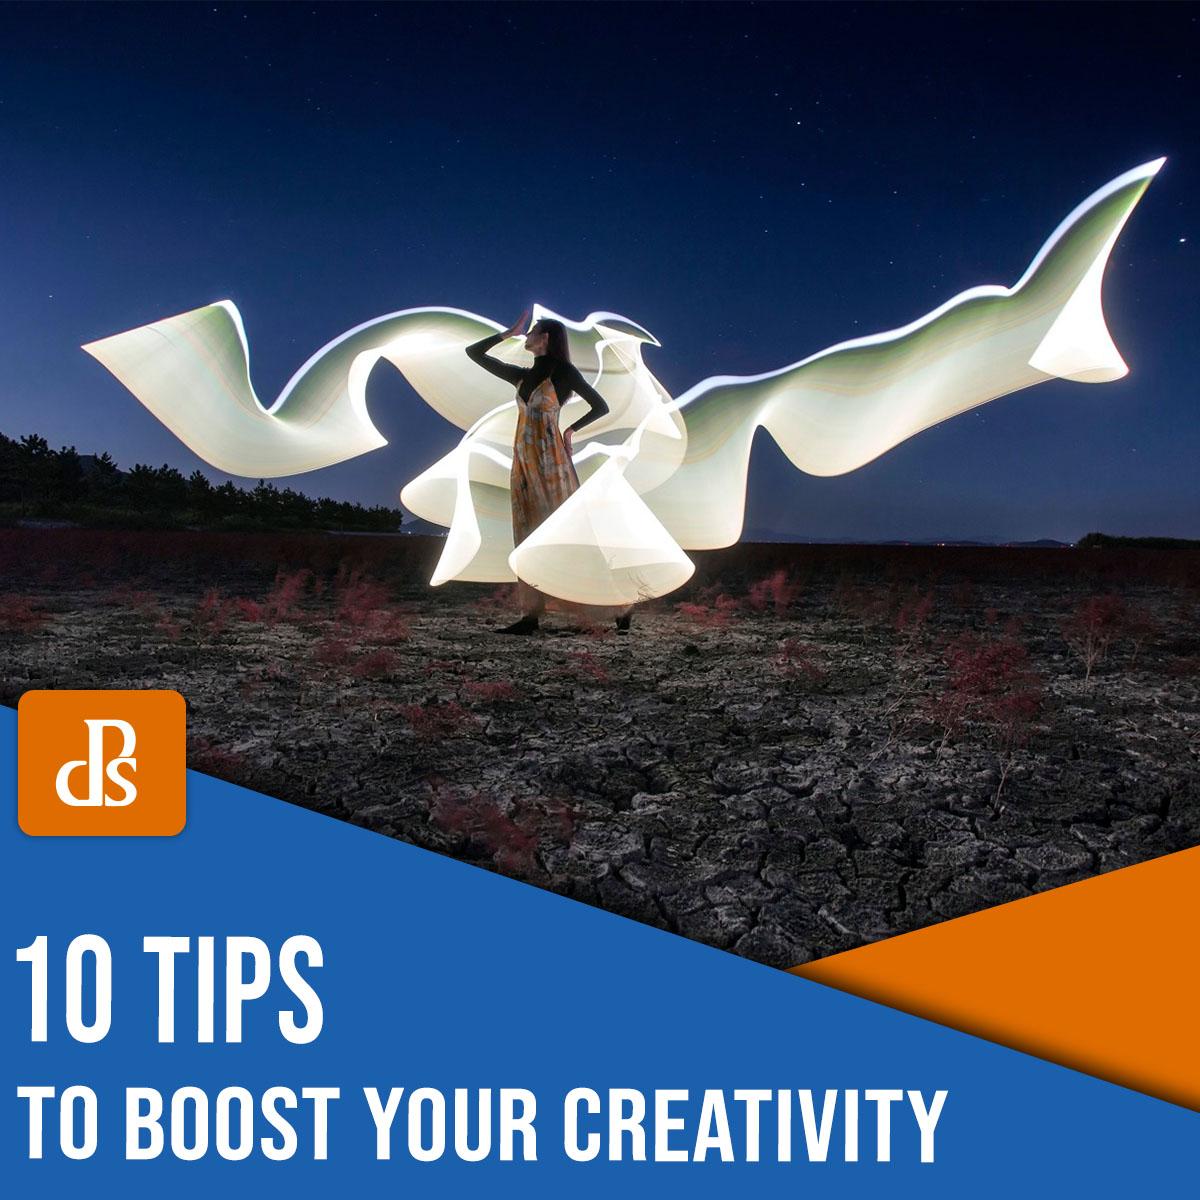 dicas para impulsionar sua criatividade